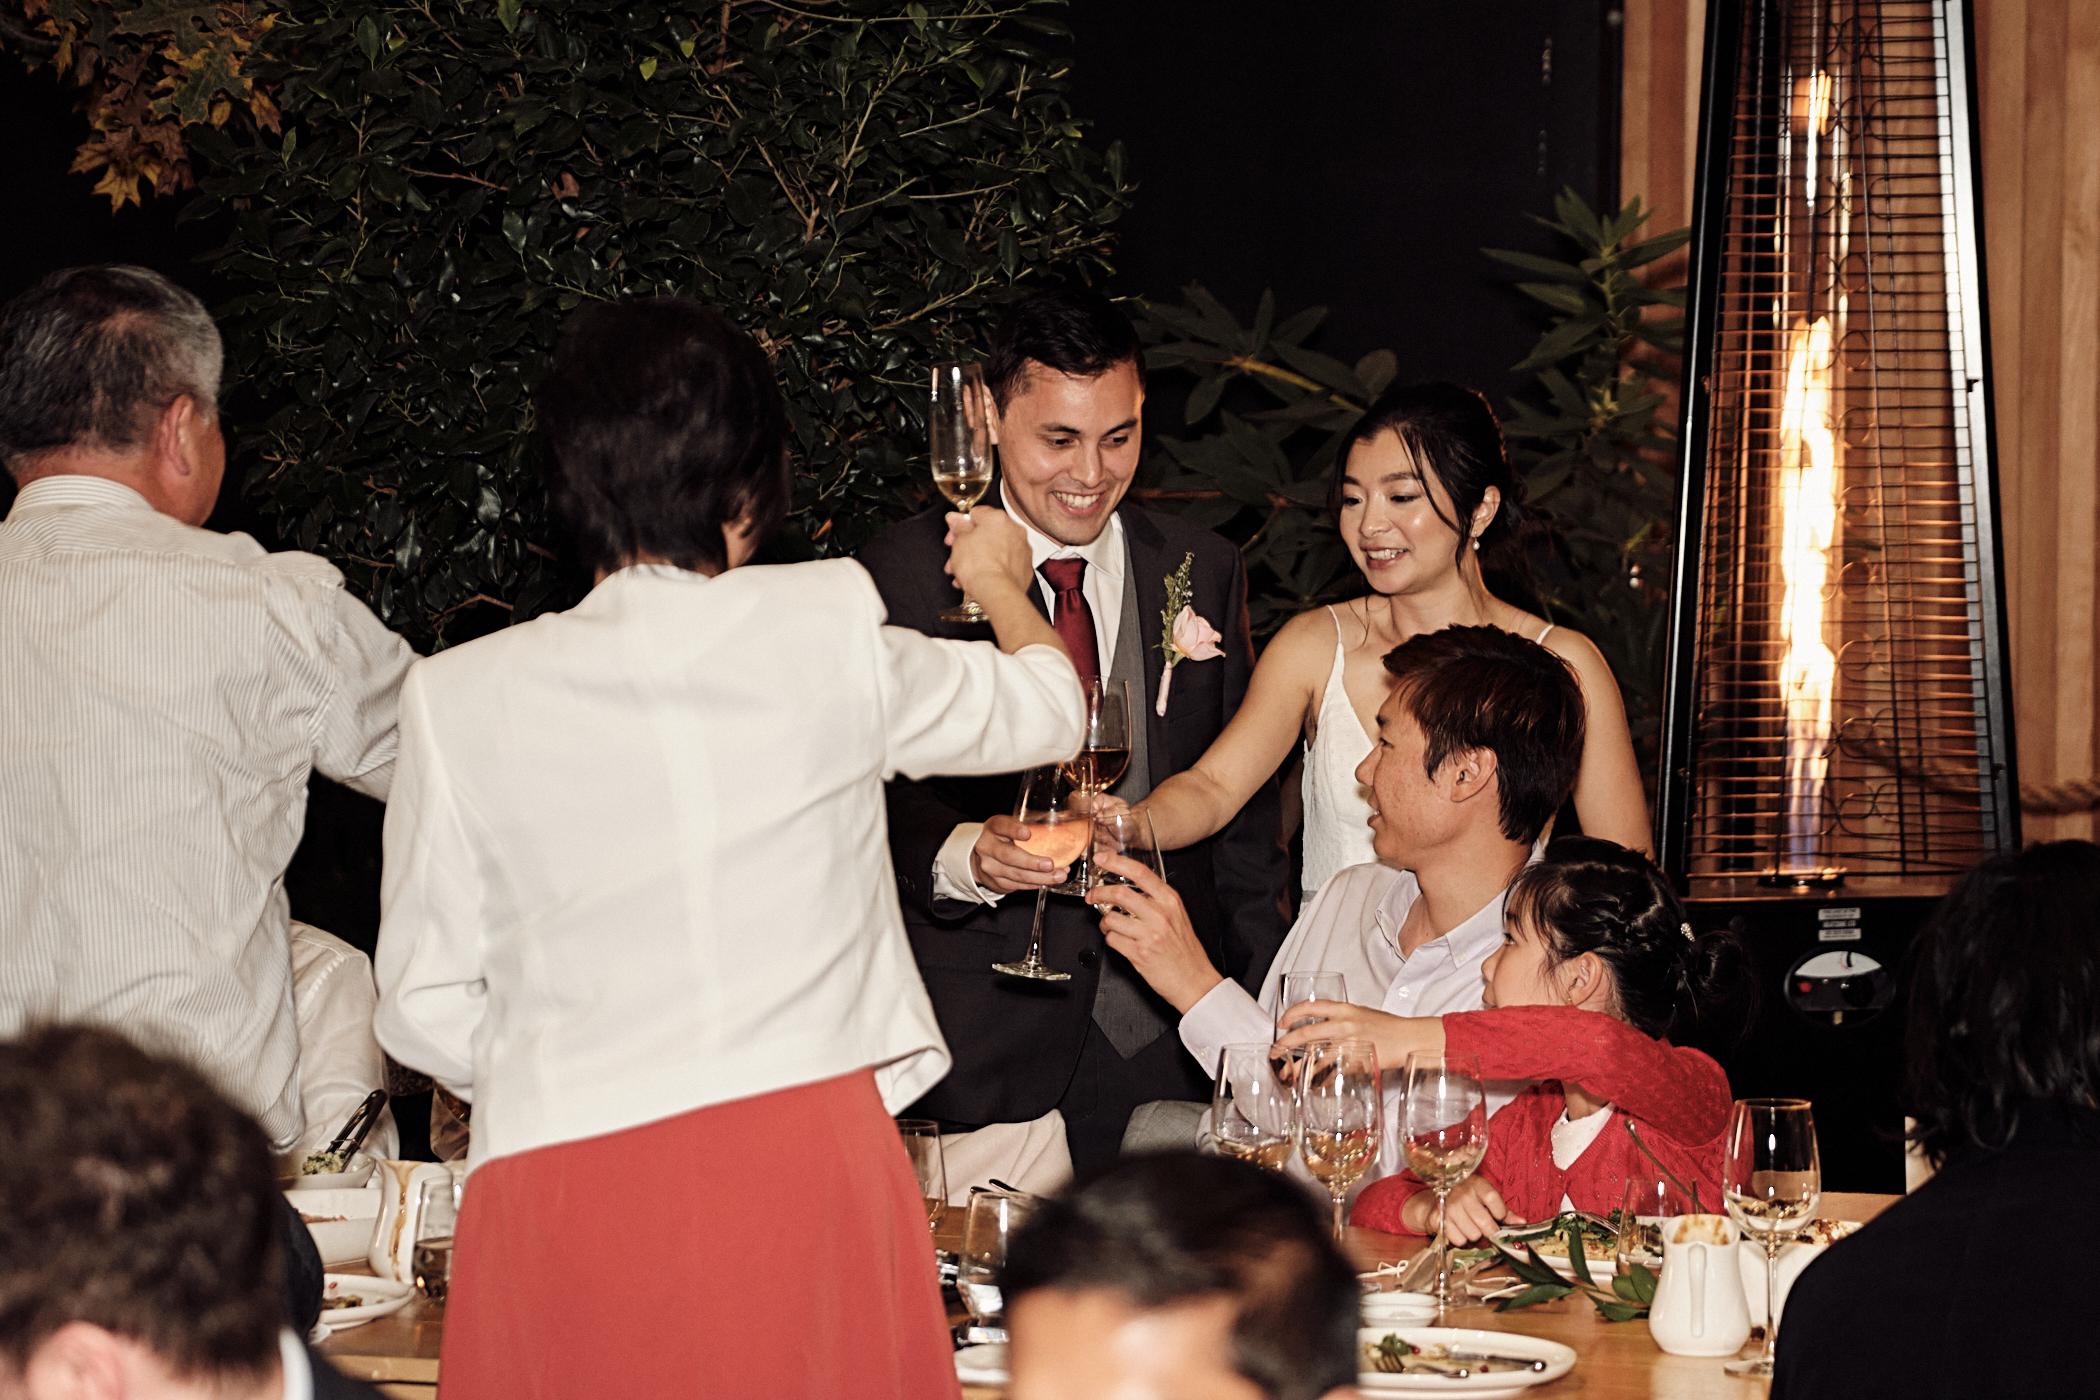 wedding photography 89390